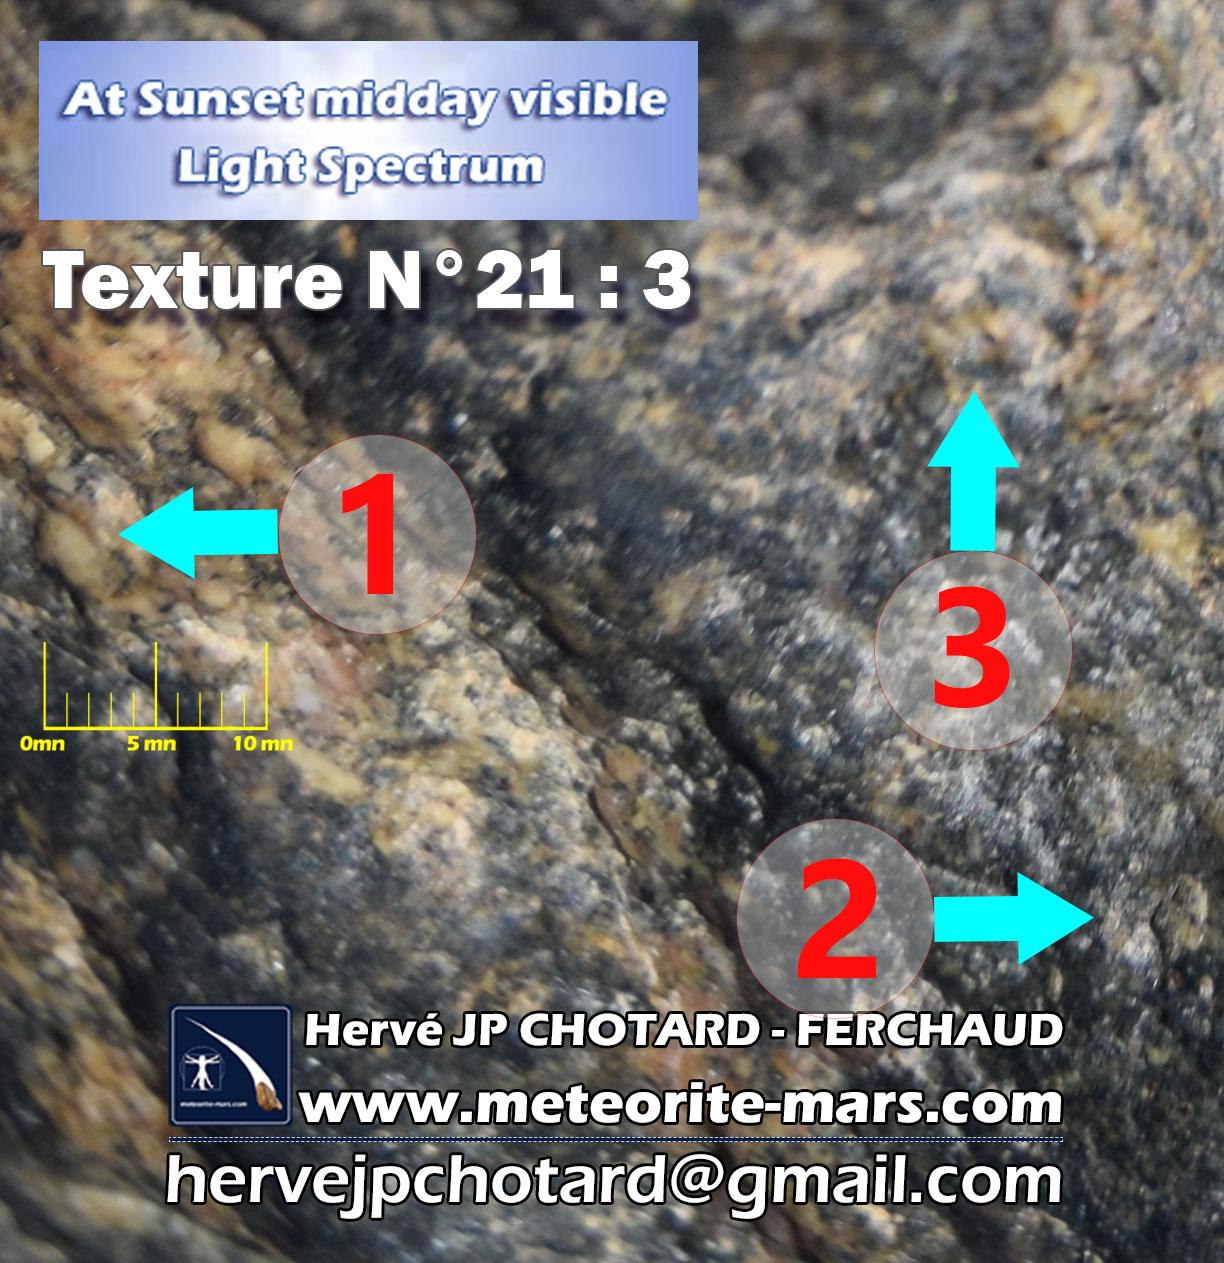 Texture n21-3 meteorite-mars.com